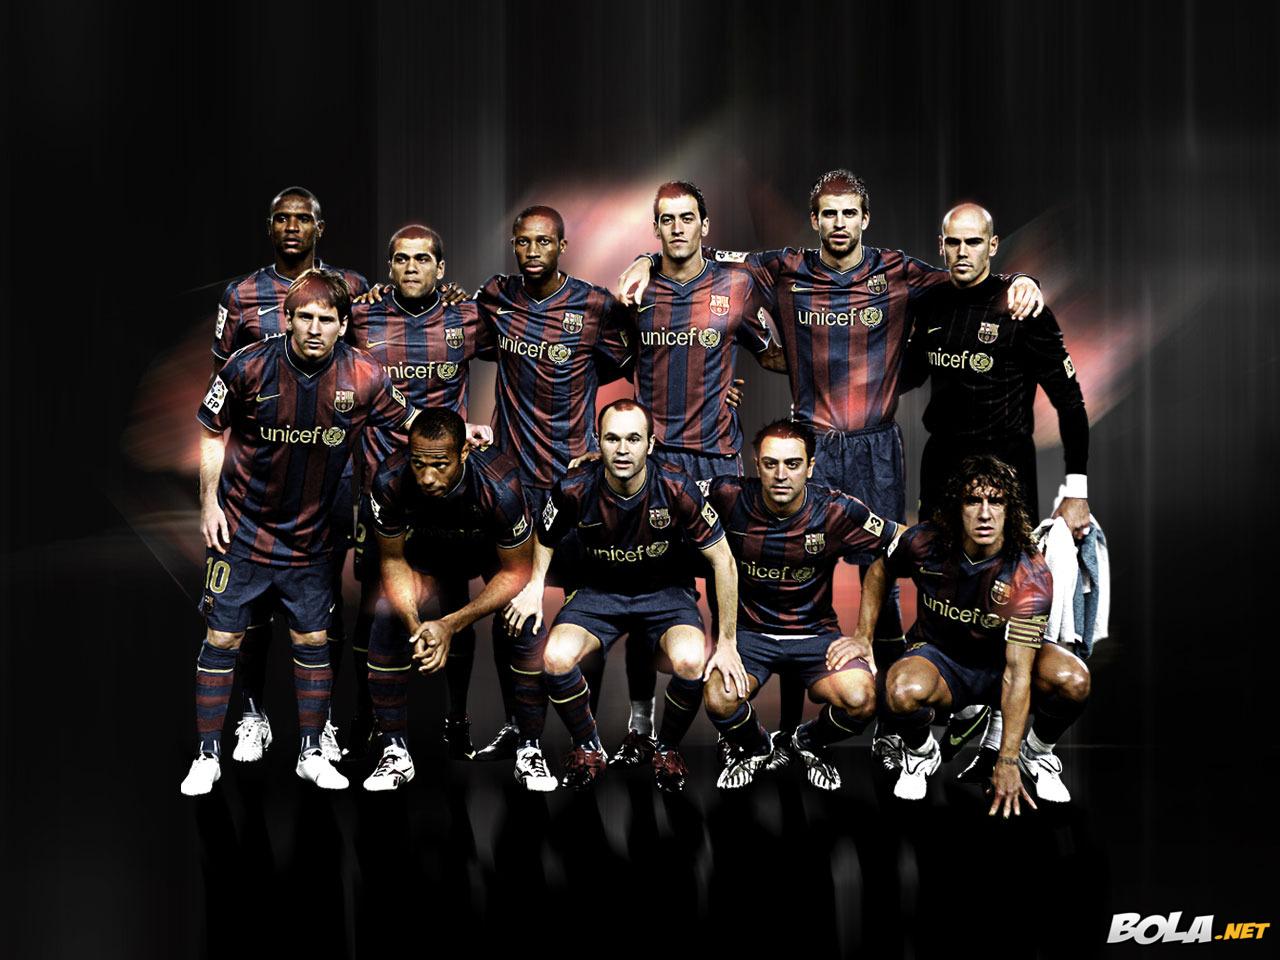 http://4.bp.blogspot.com/-6STZkbsMoJY/Tjopk22LWsI/AAAAAAAAAfg/9XLH9JUTCJA/s1600/Barcelona+Wallpaper+2.jpg